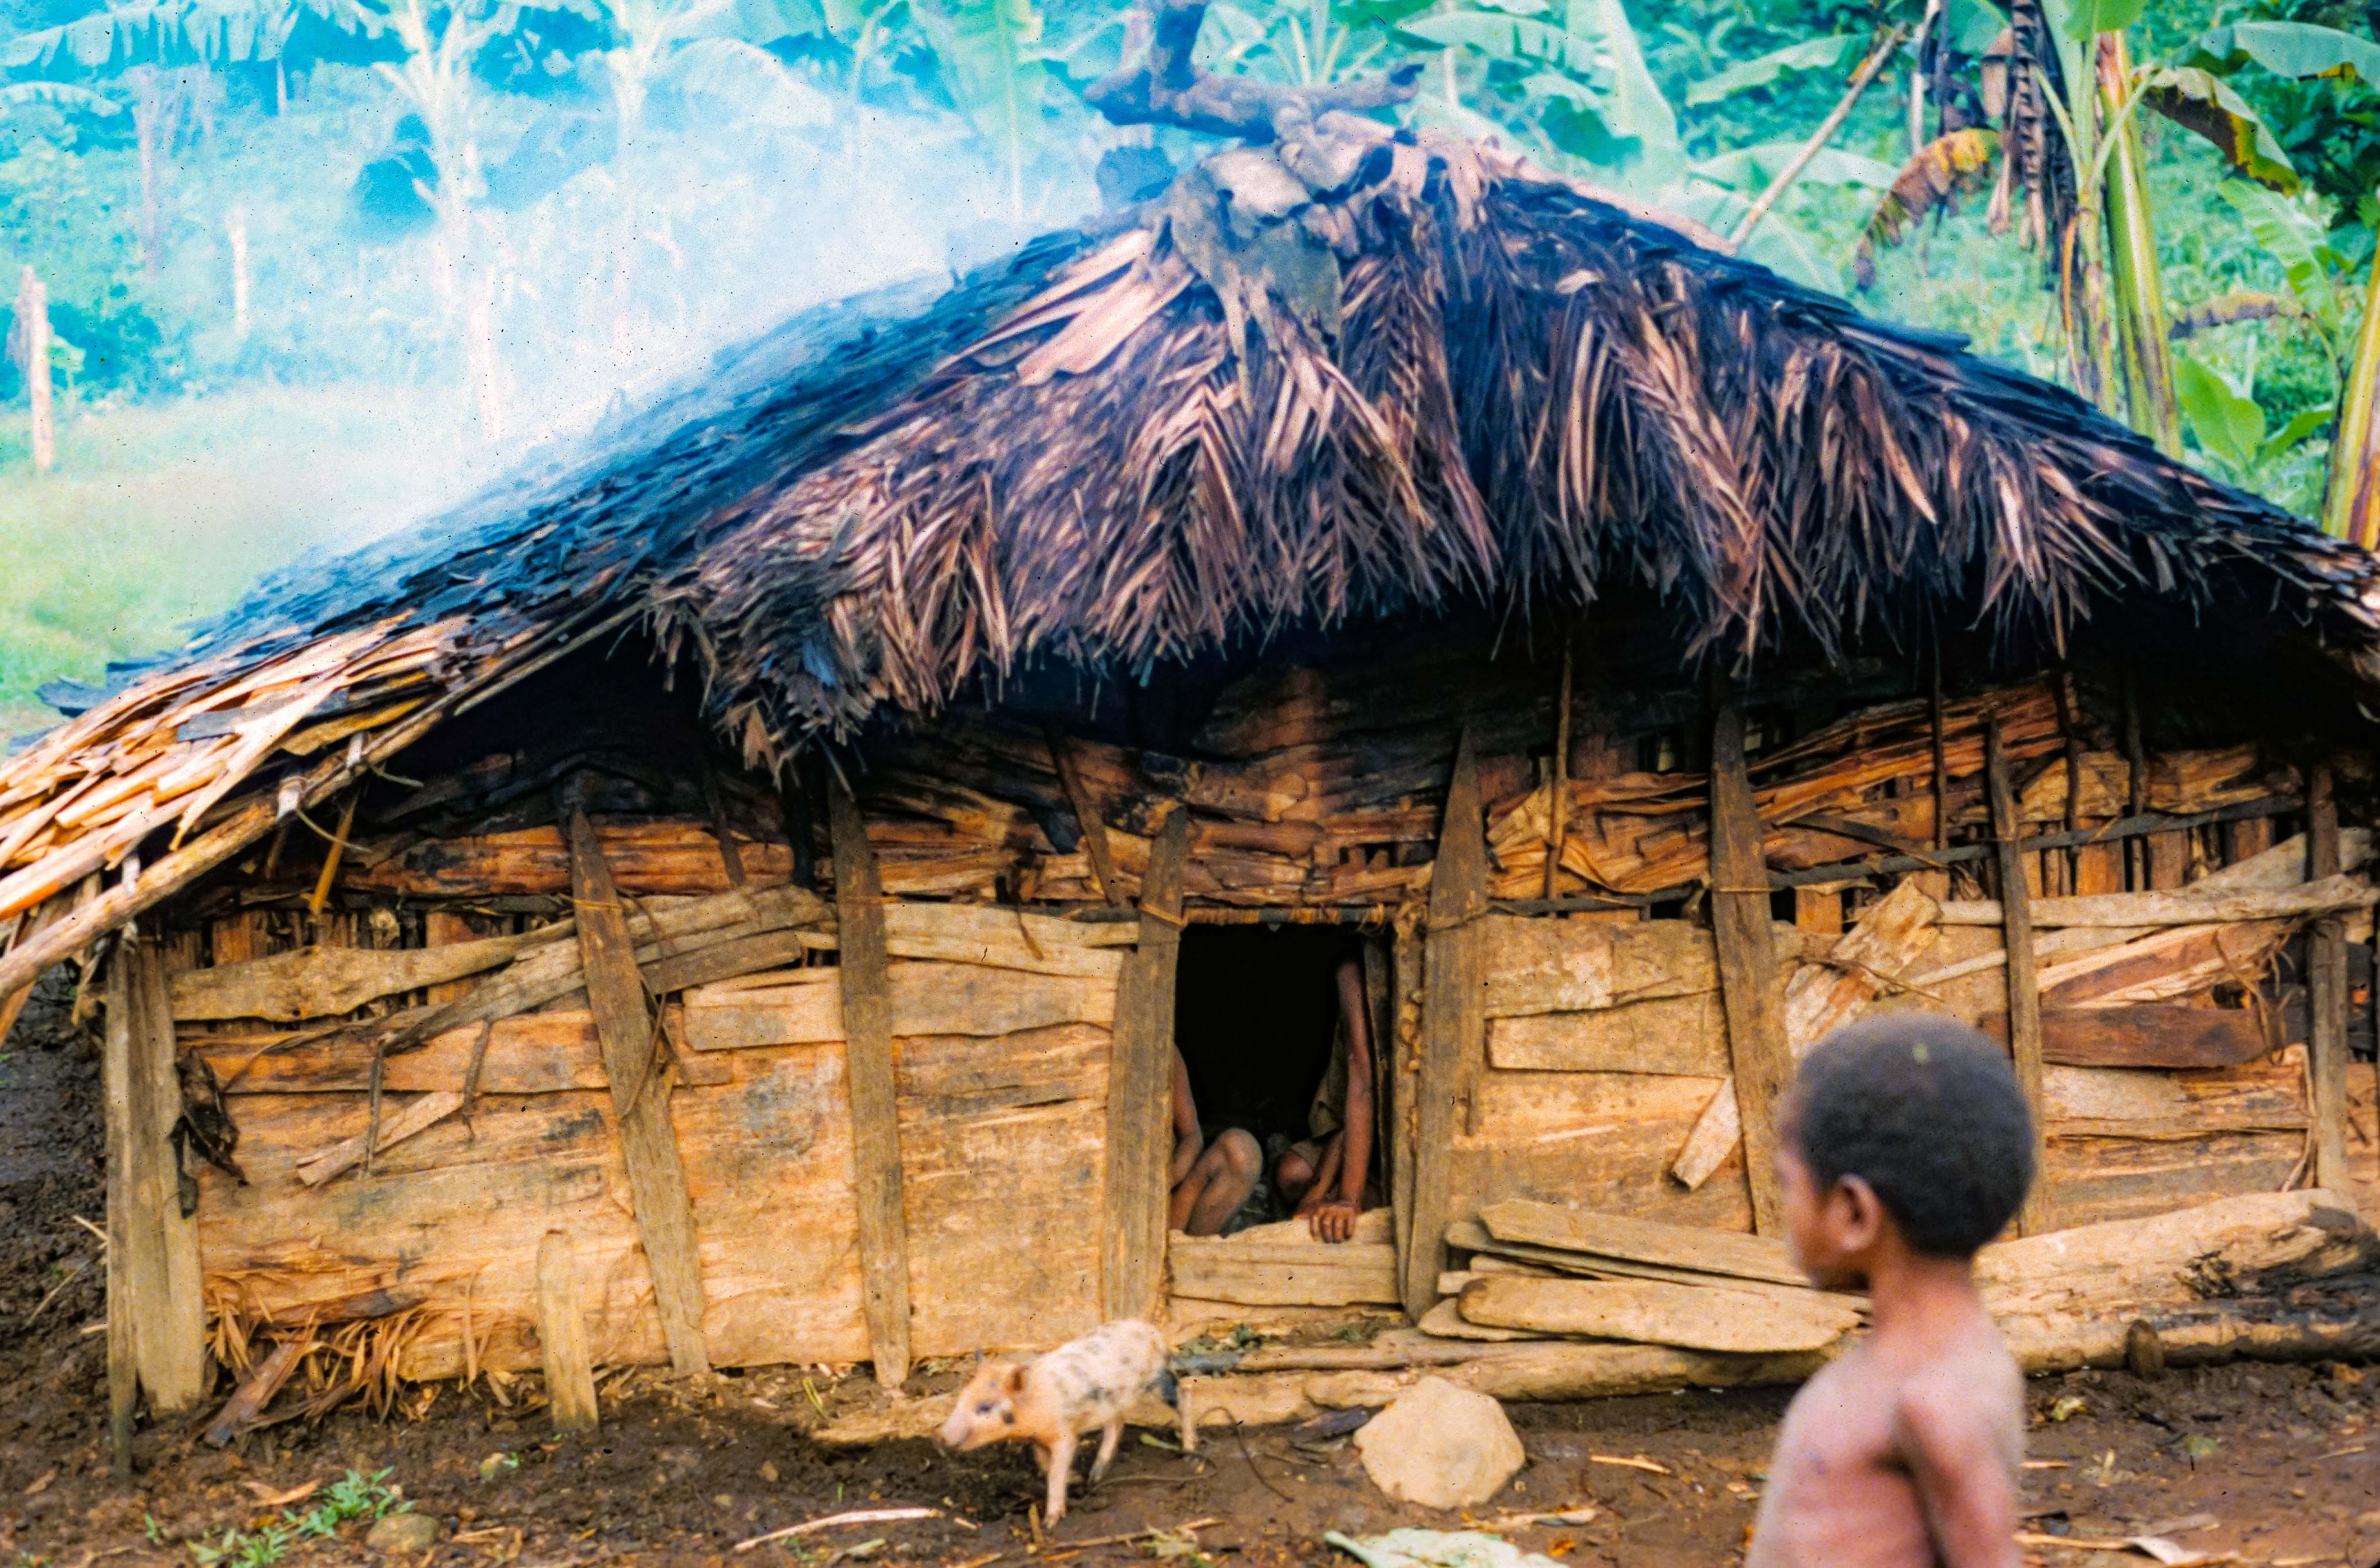 Papua New Guinea, Pig House, 1983